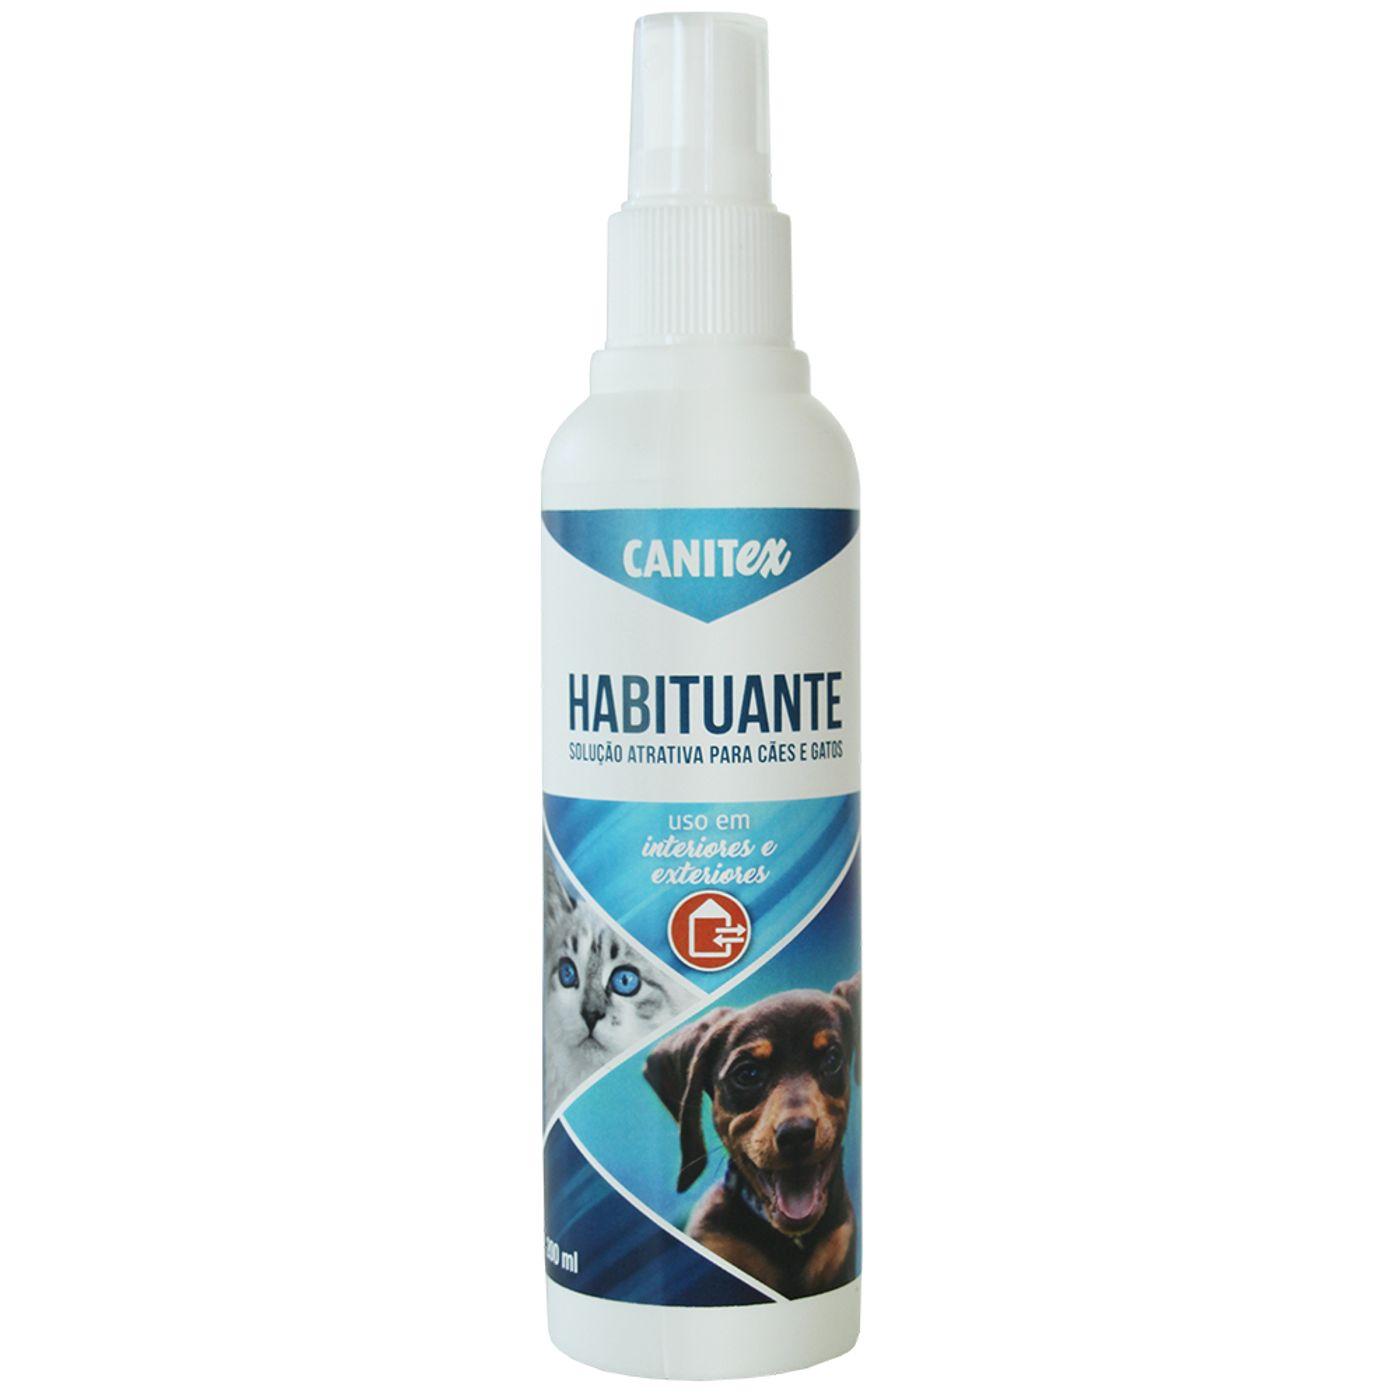 Canitex-Habituante---Spray-Atrativo-para-Caes-e-Gatos-200-ml